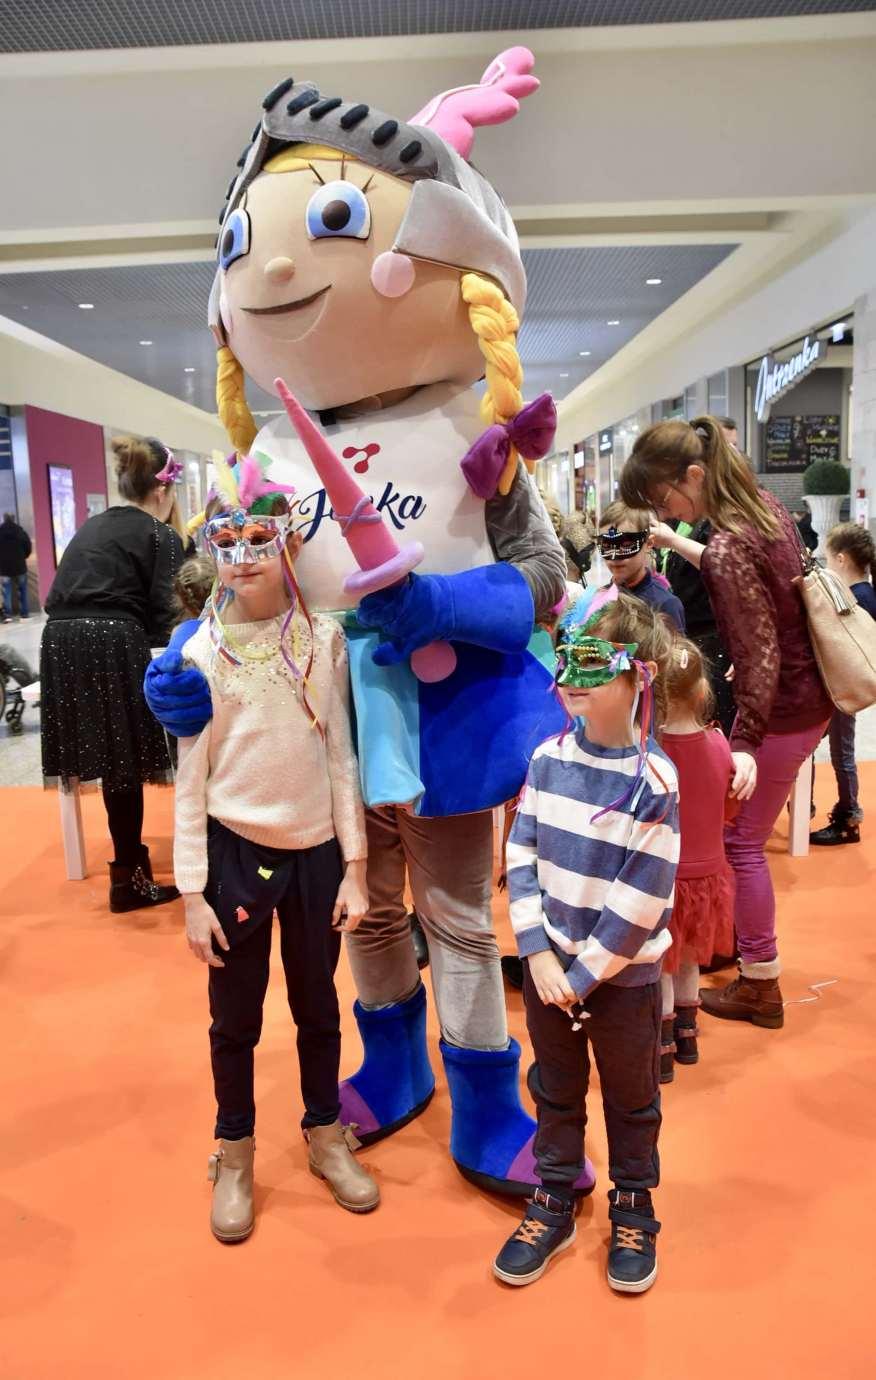 dsc 3968 Zabawa kreatywnych dzieciaków w Galerii Handlowej Twierdza (filmy i zdjęcia)